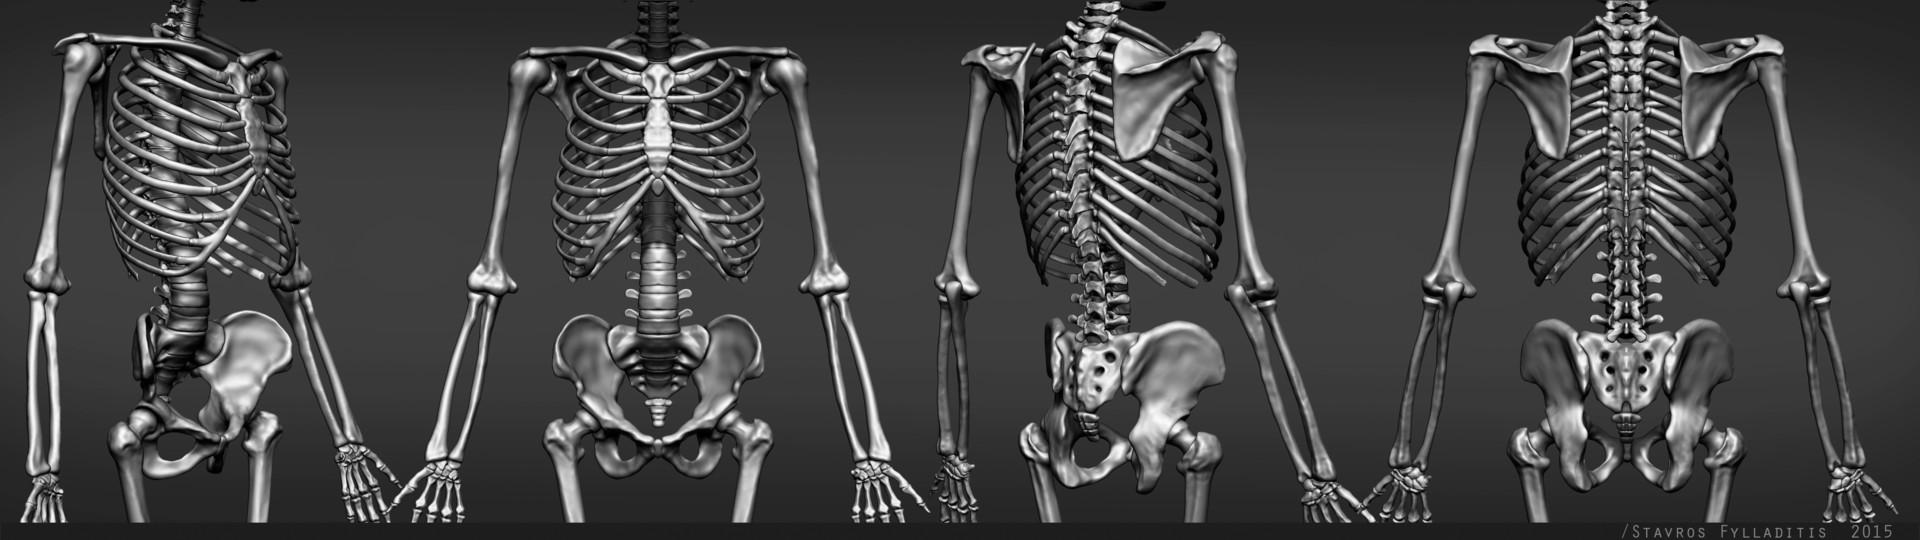 Stavros fylladitis torso v01